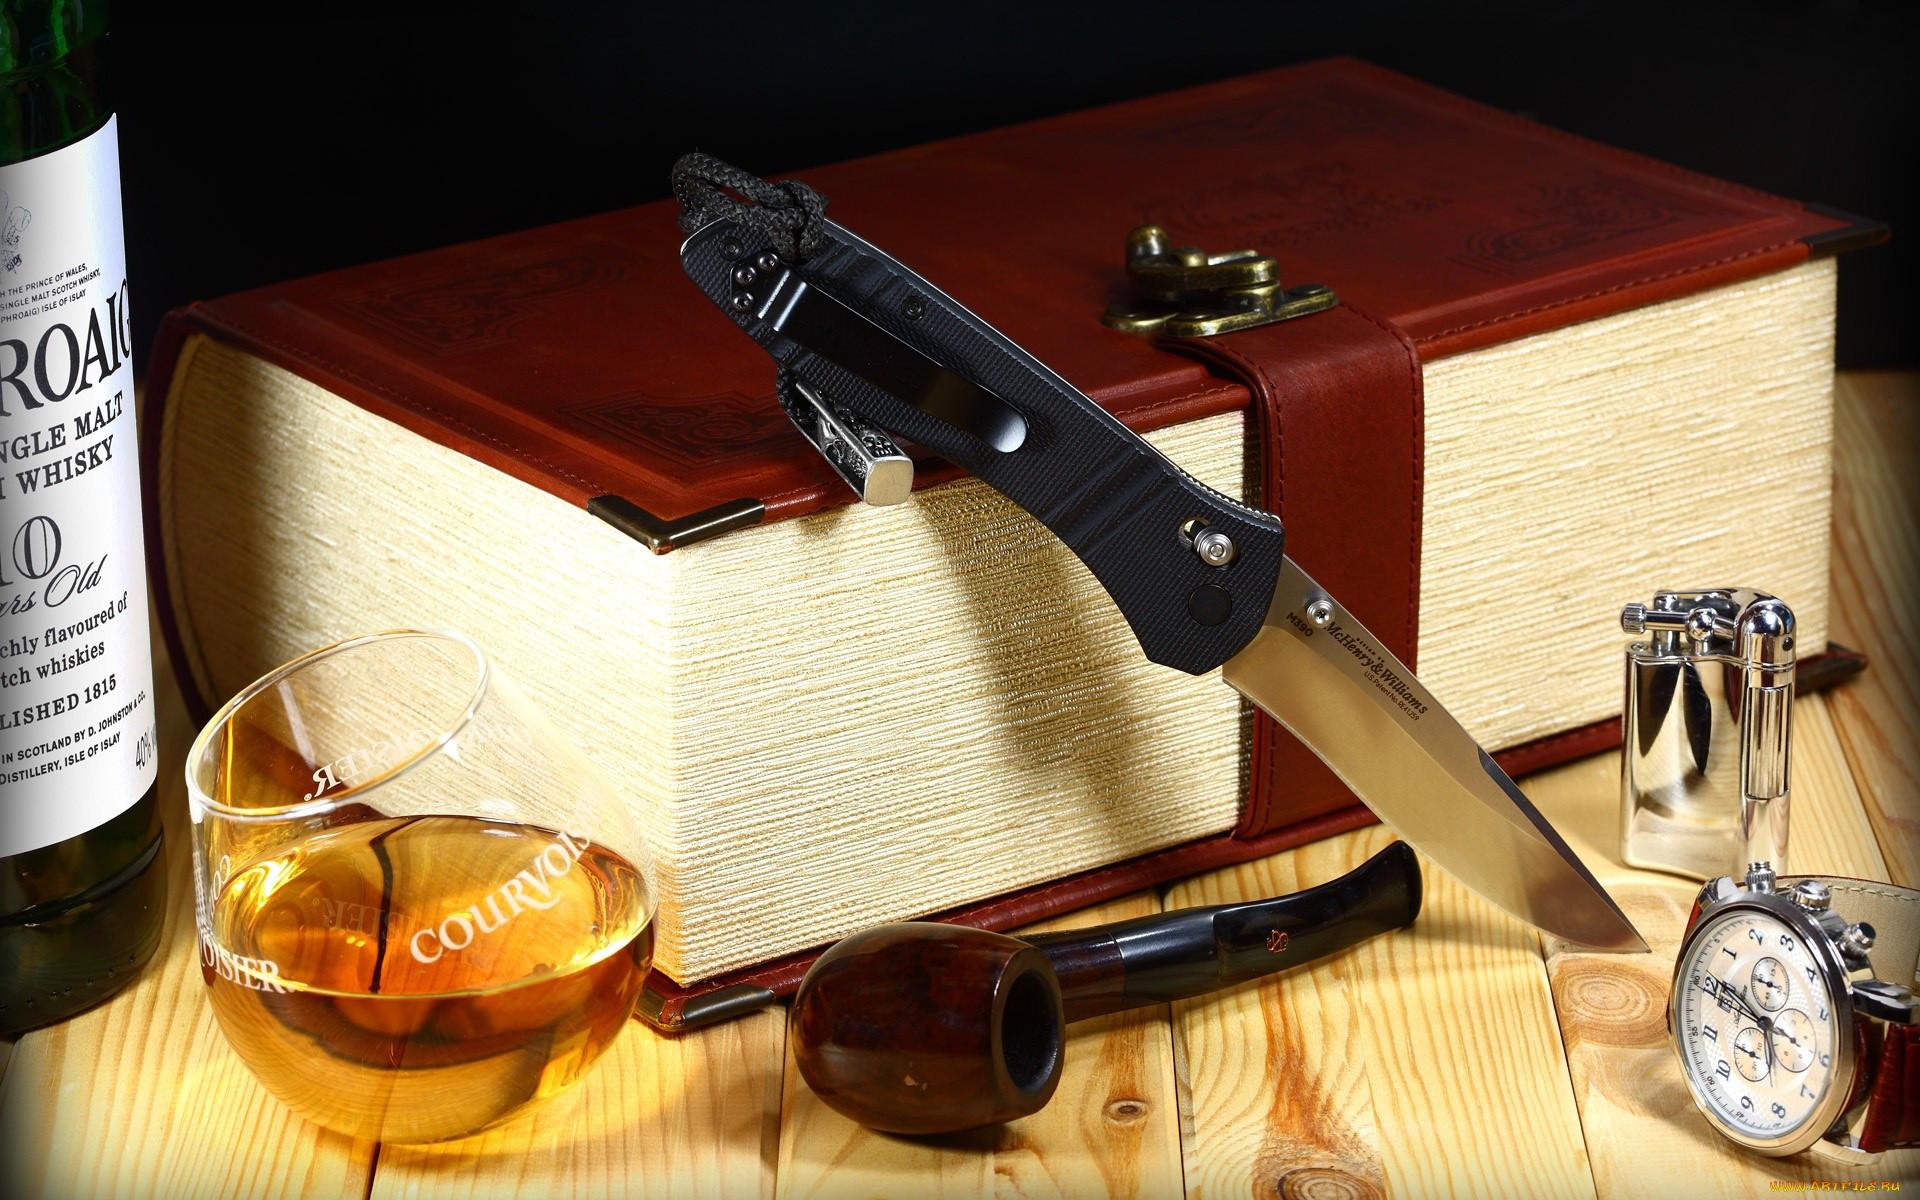 Поздравление к подарку нож мужчине на день рождения